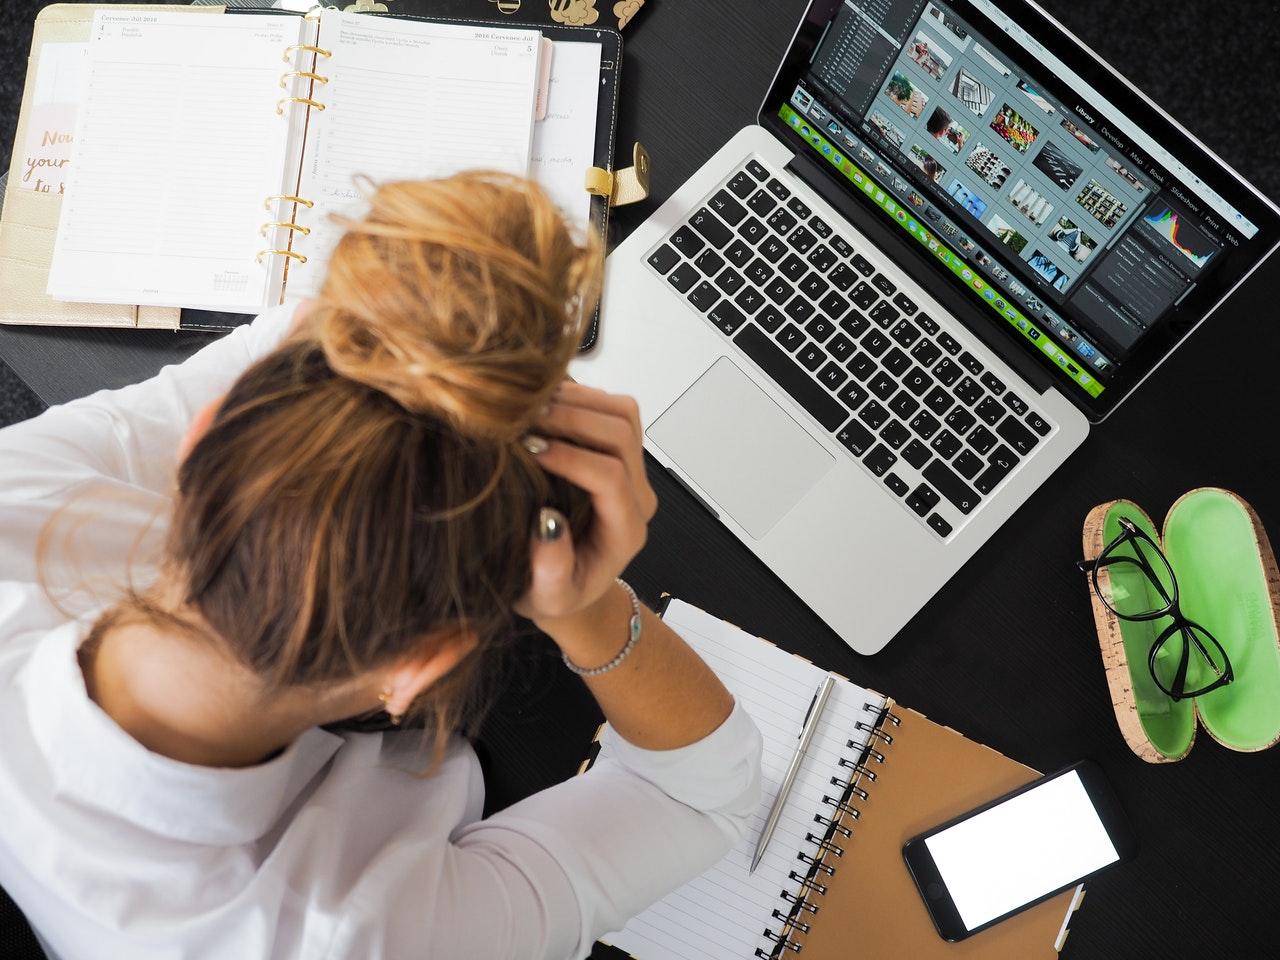 aankomen door stress door een vrouw achter een laptop